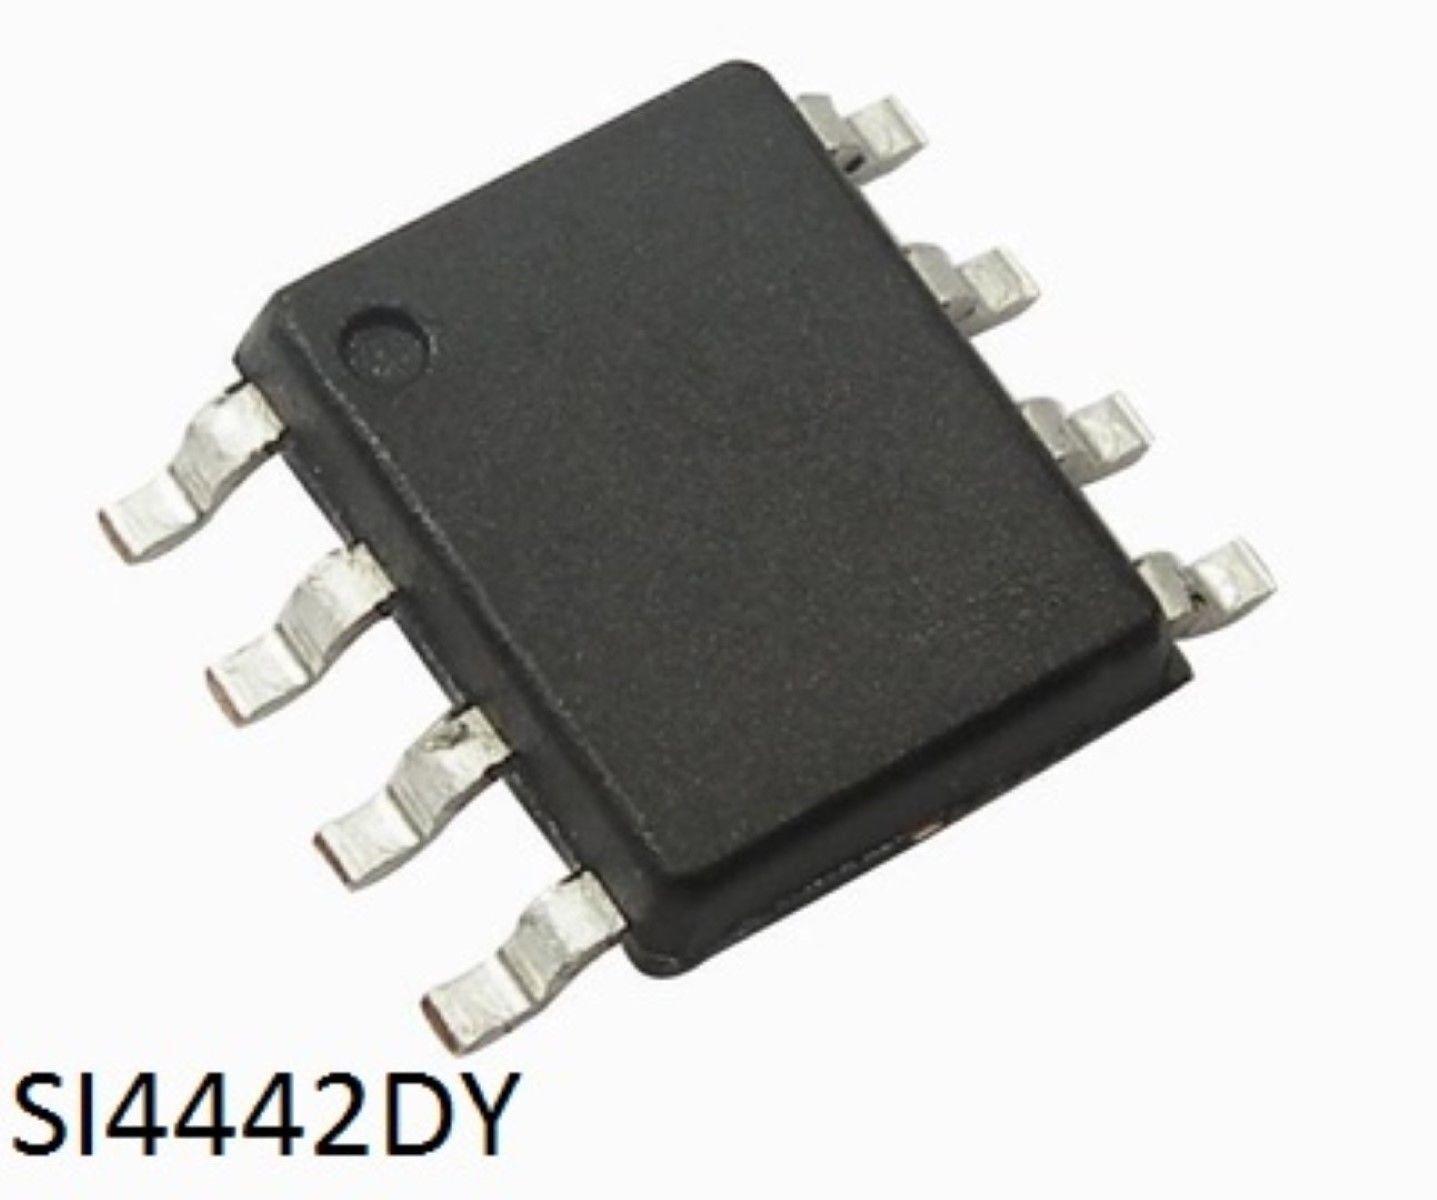 Vishay SI4442DY Sop-8 MOSFET SMD Si4442 N-chan 30v So-8 | eBay